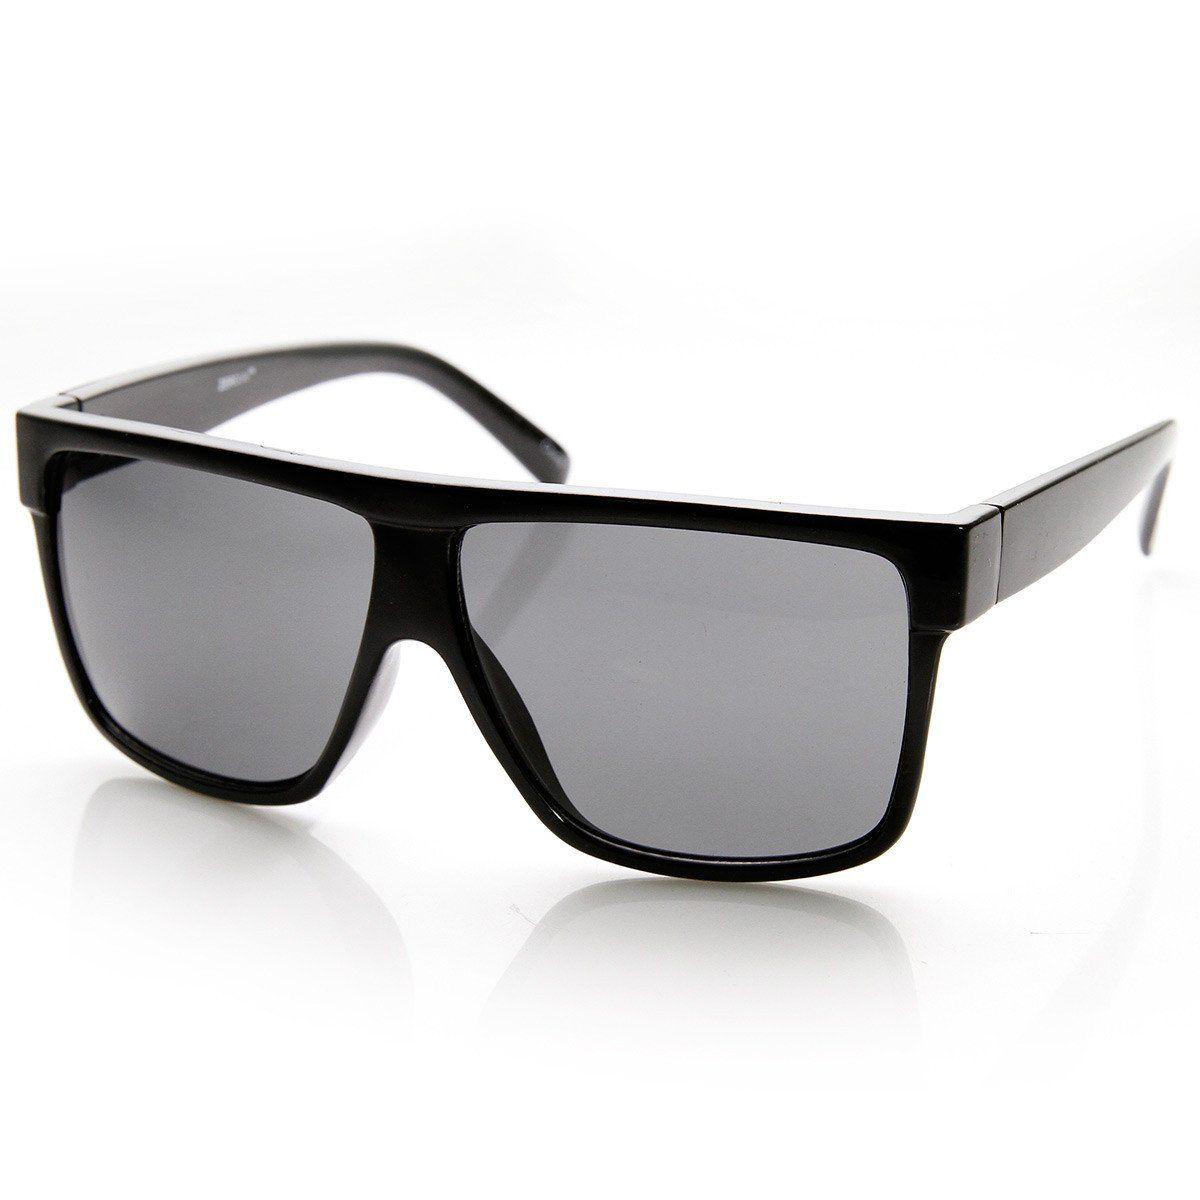 3c577d35b Designer Inspired Large Flat Top Square Plastic Aviator Sunglasses ...